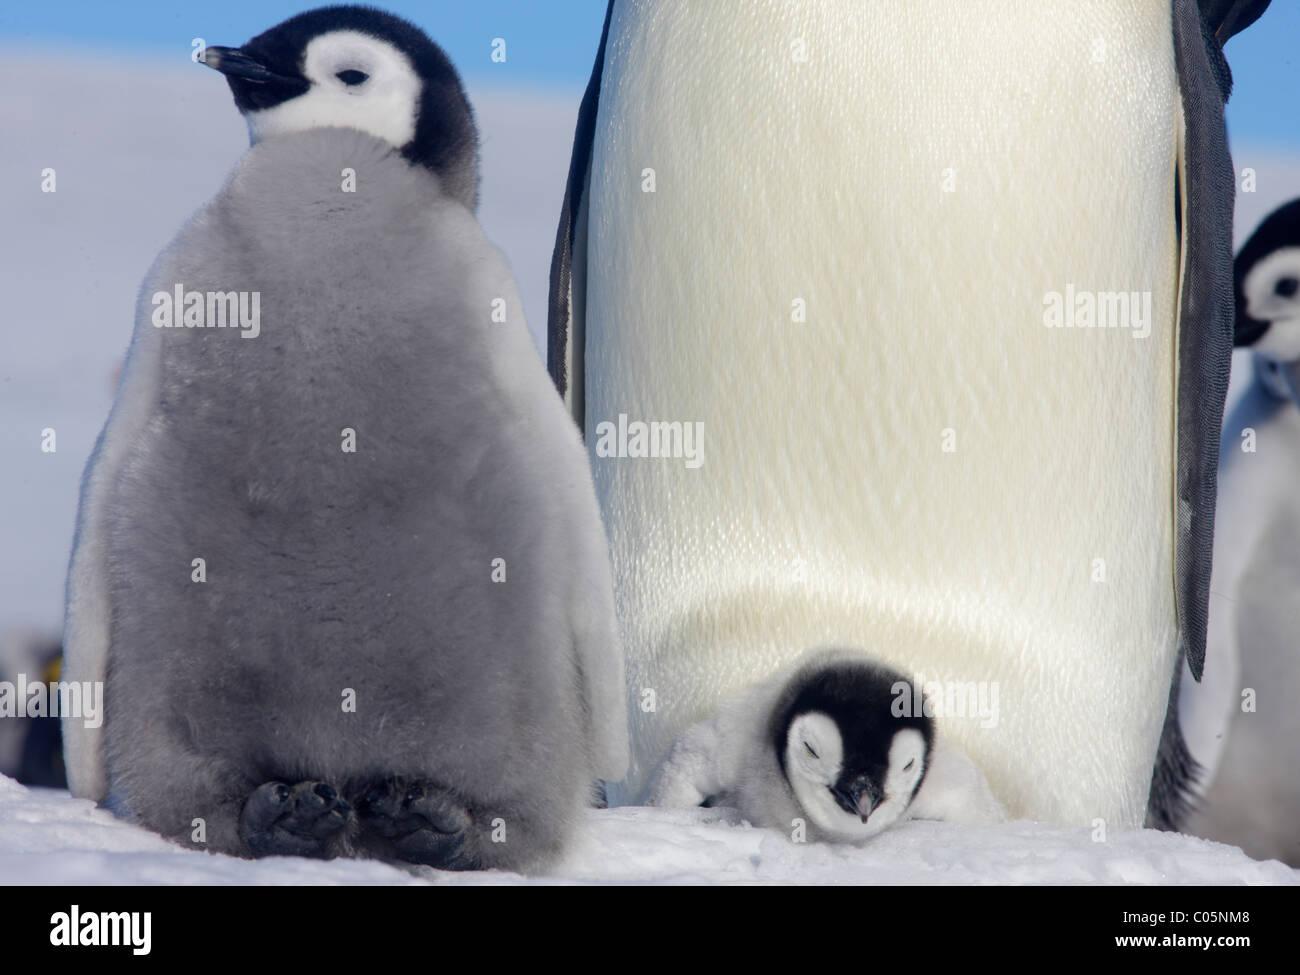 Los pingüinos emperador y polluelos, Octubre, la isla Snow Hill, Mar de Weddell, en la Antártida. Imagen De Stock